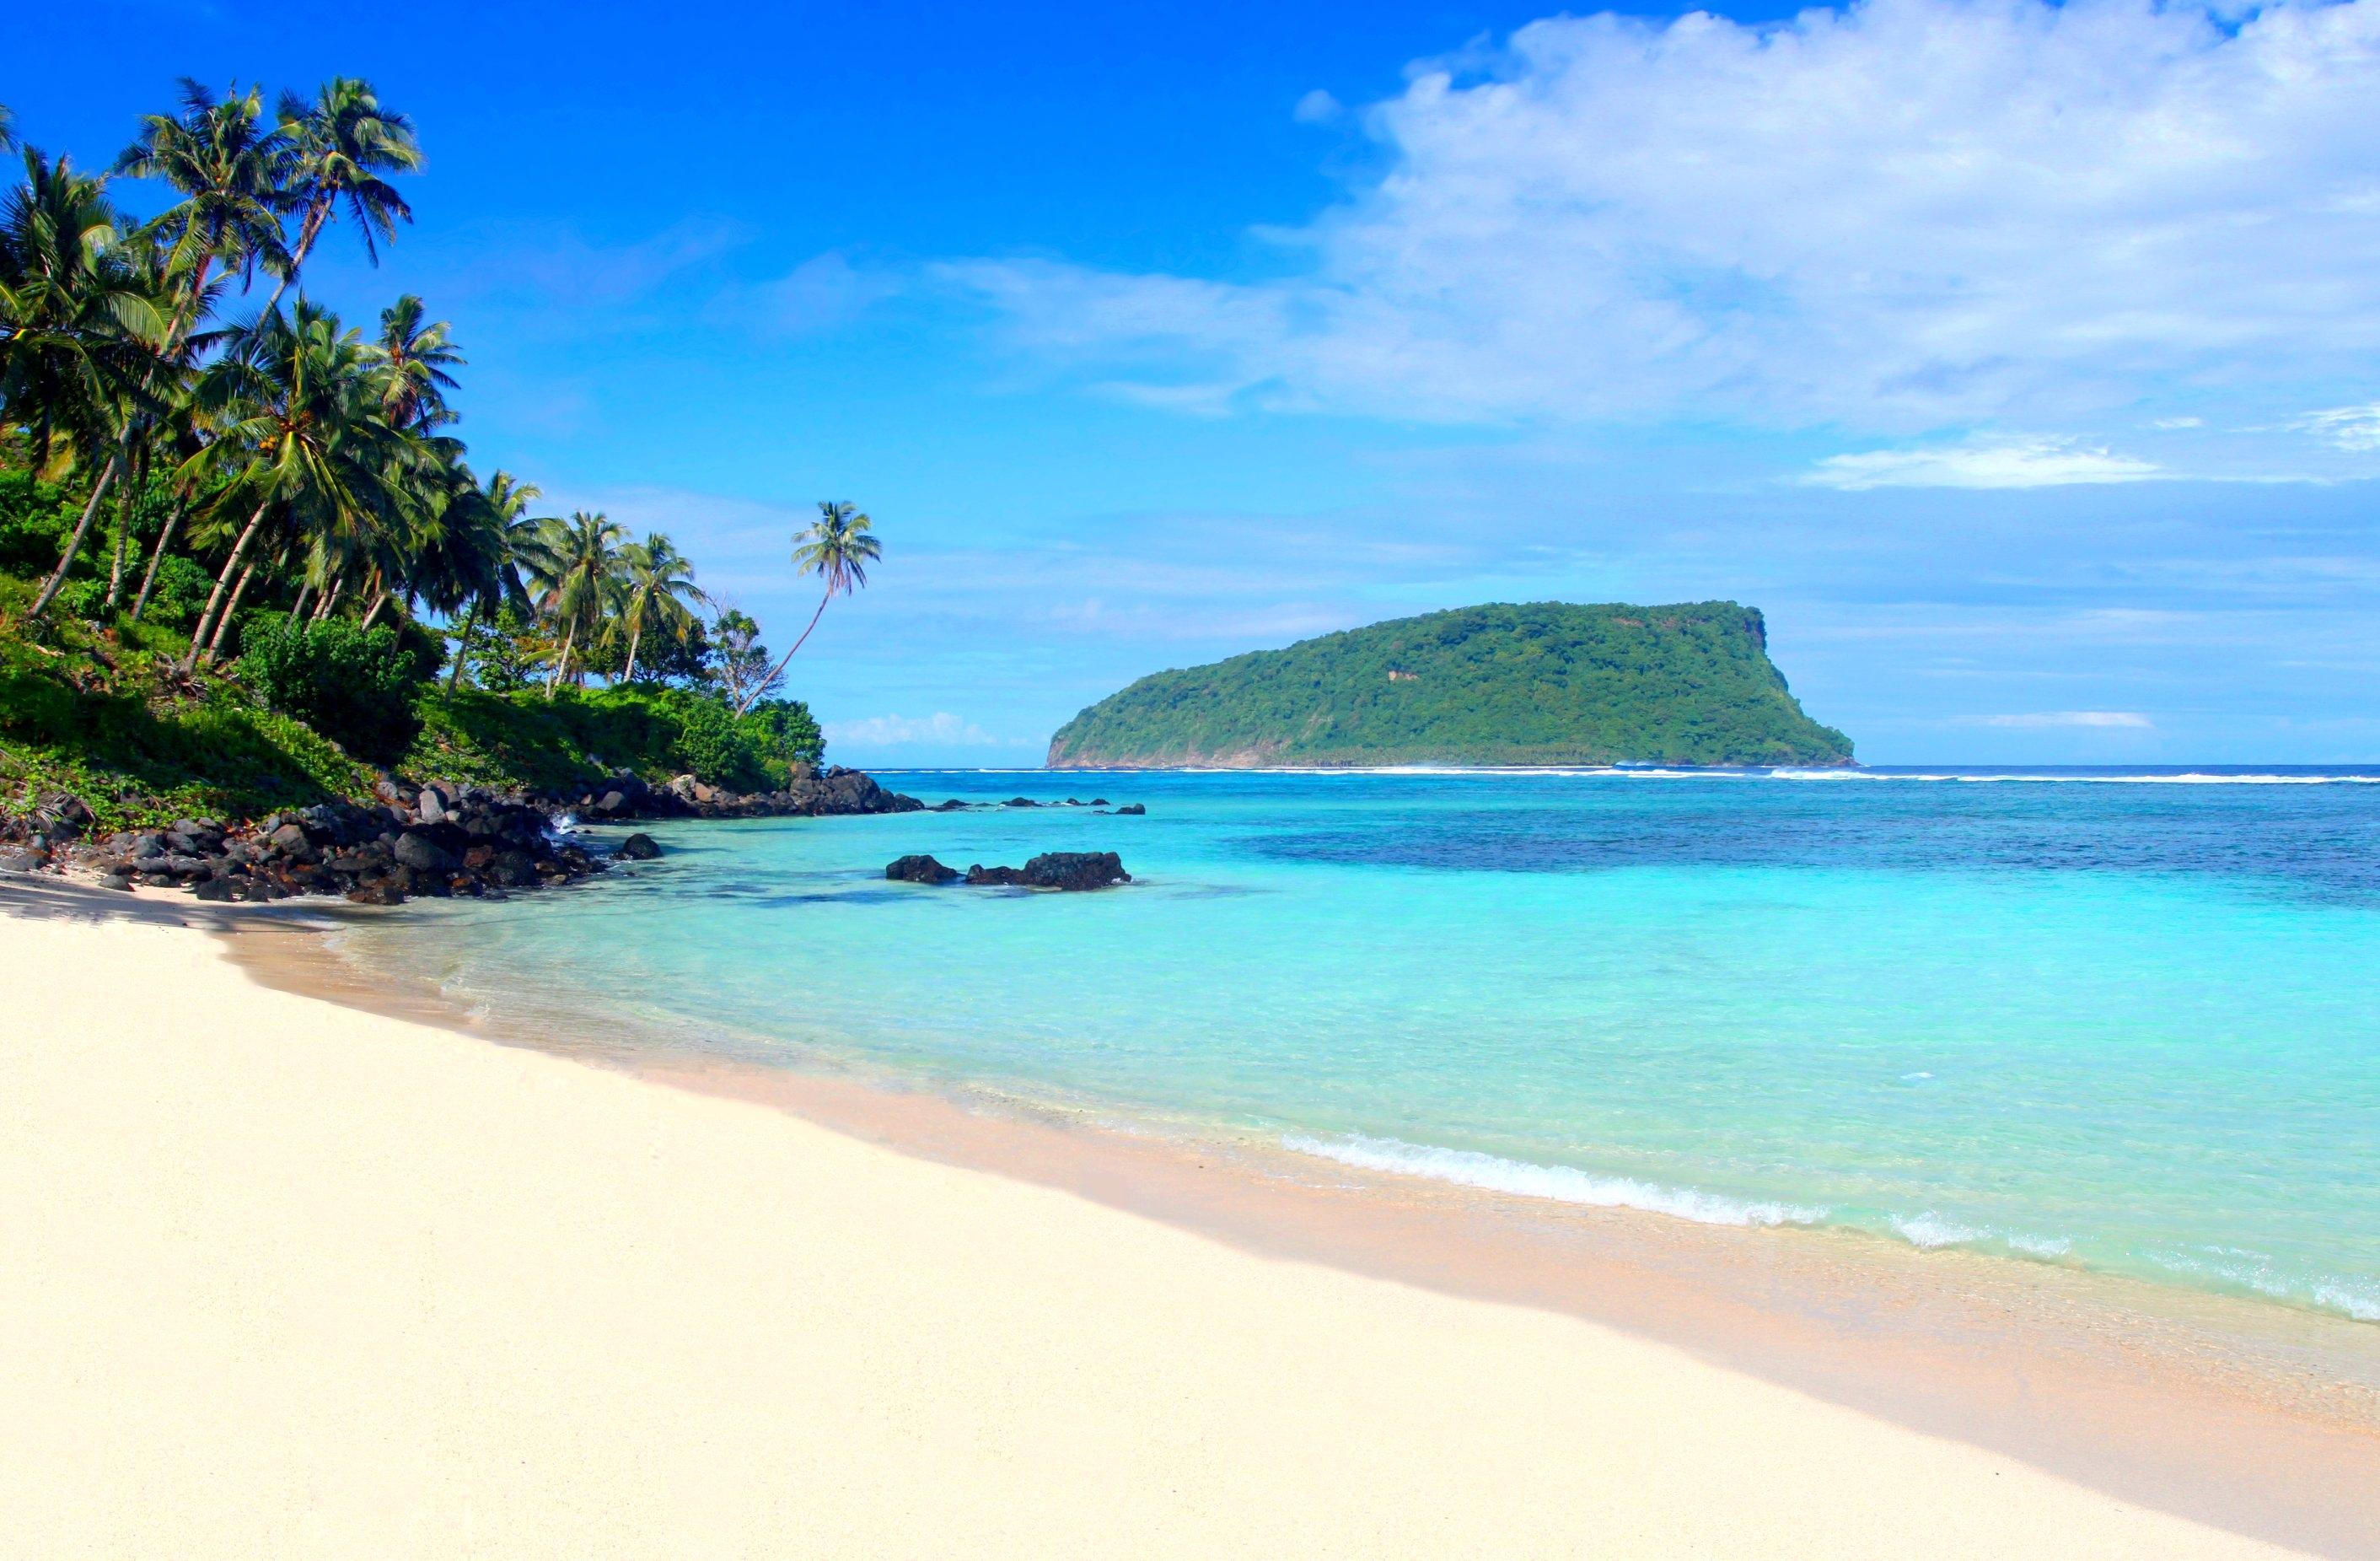 56652 Salvapantallas y fondos de pantalla Mar en tu teléfono. Descarga imágenes de Naturaleza, Zona Tropical, Trópico, Playa, Mar, Arena gratis